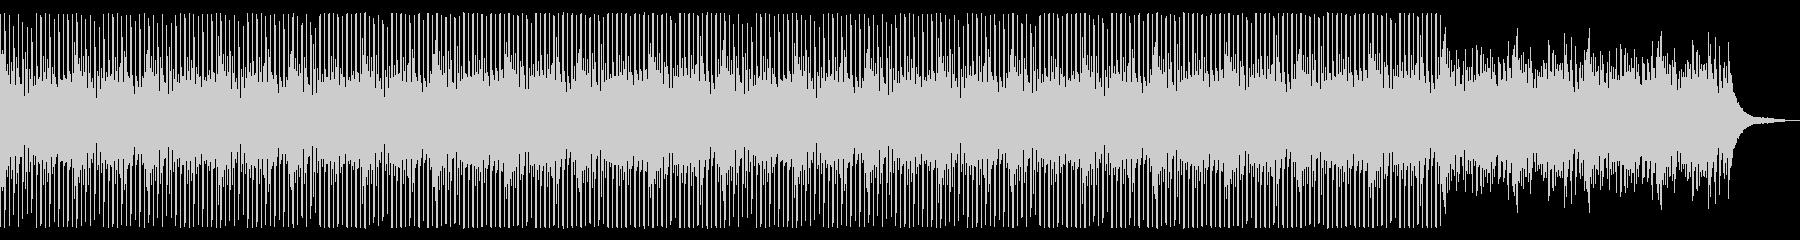 シンセ無ver 新しい朝 爽やか ピアノの未再生の波形